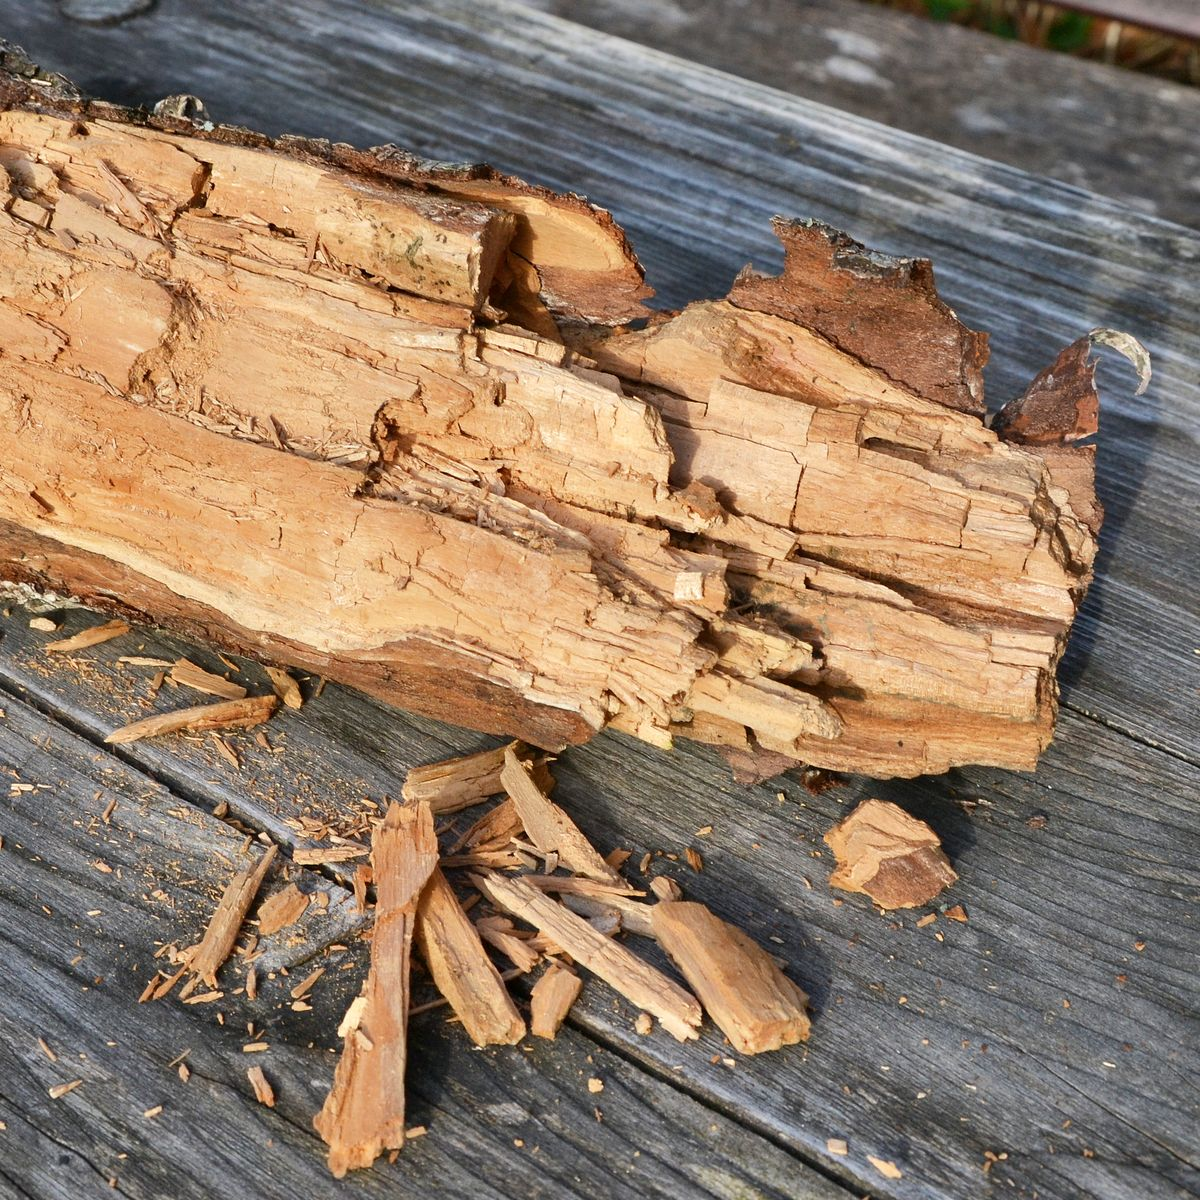 Holzzersetzende Baumpilze - Eine Unsichtbare Gefahr